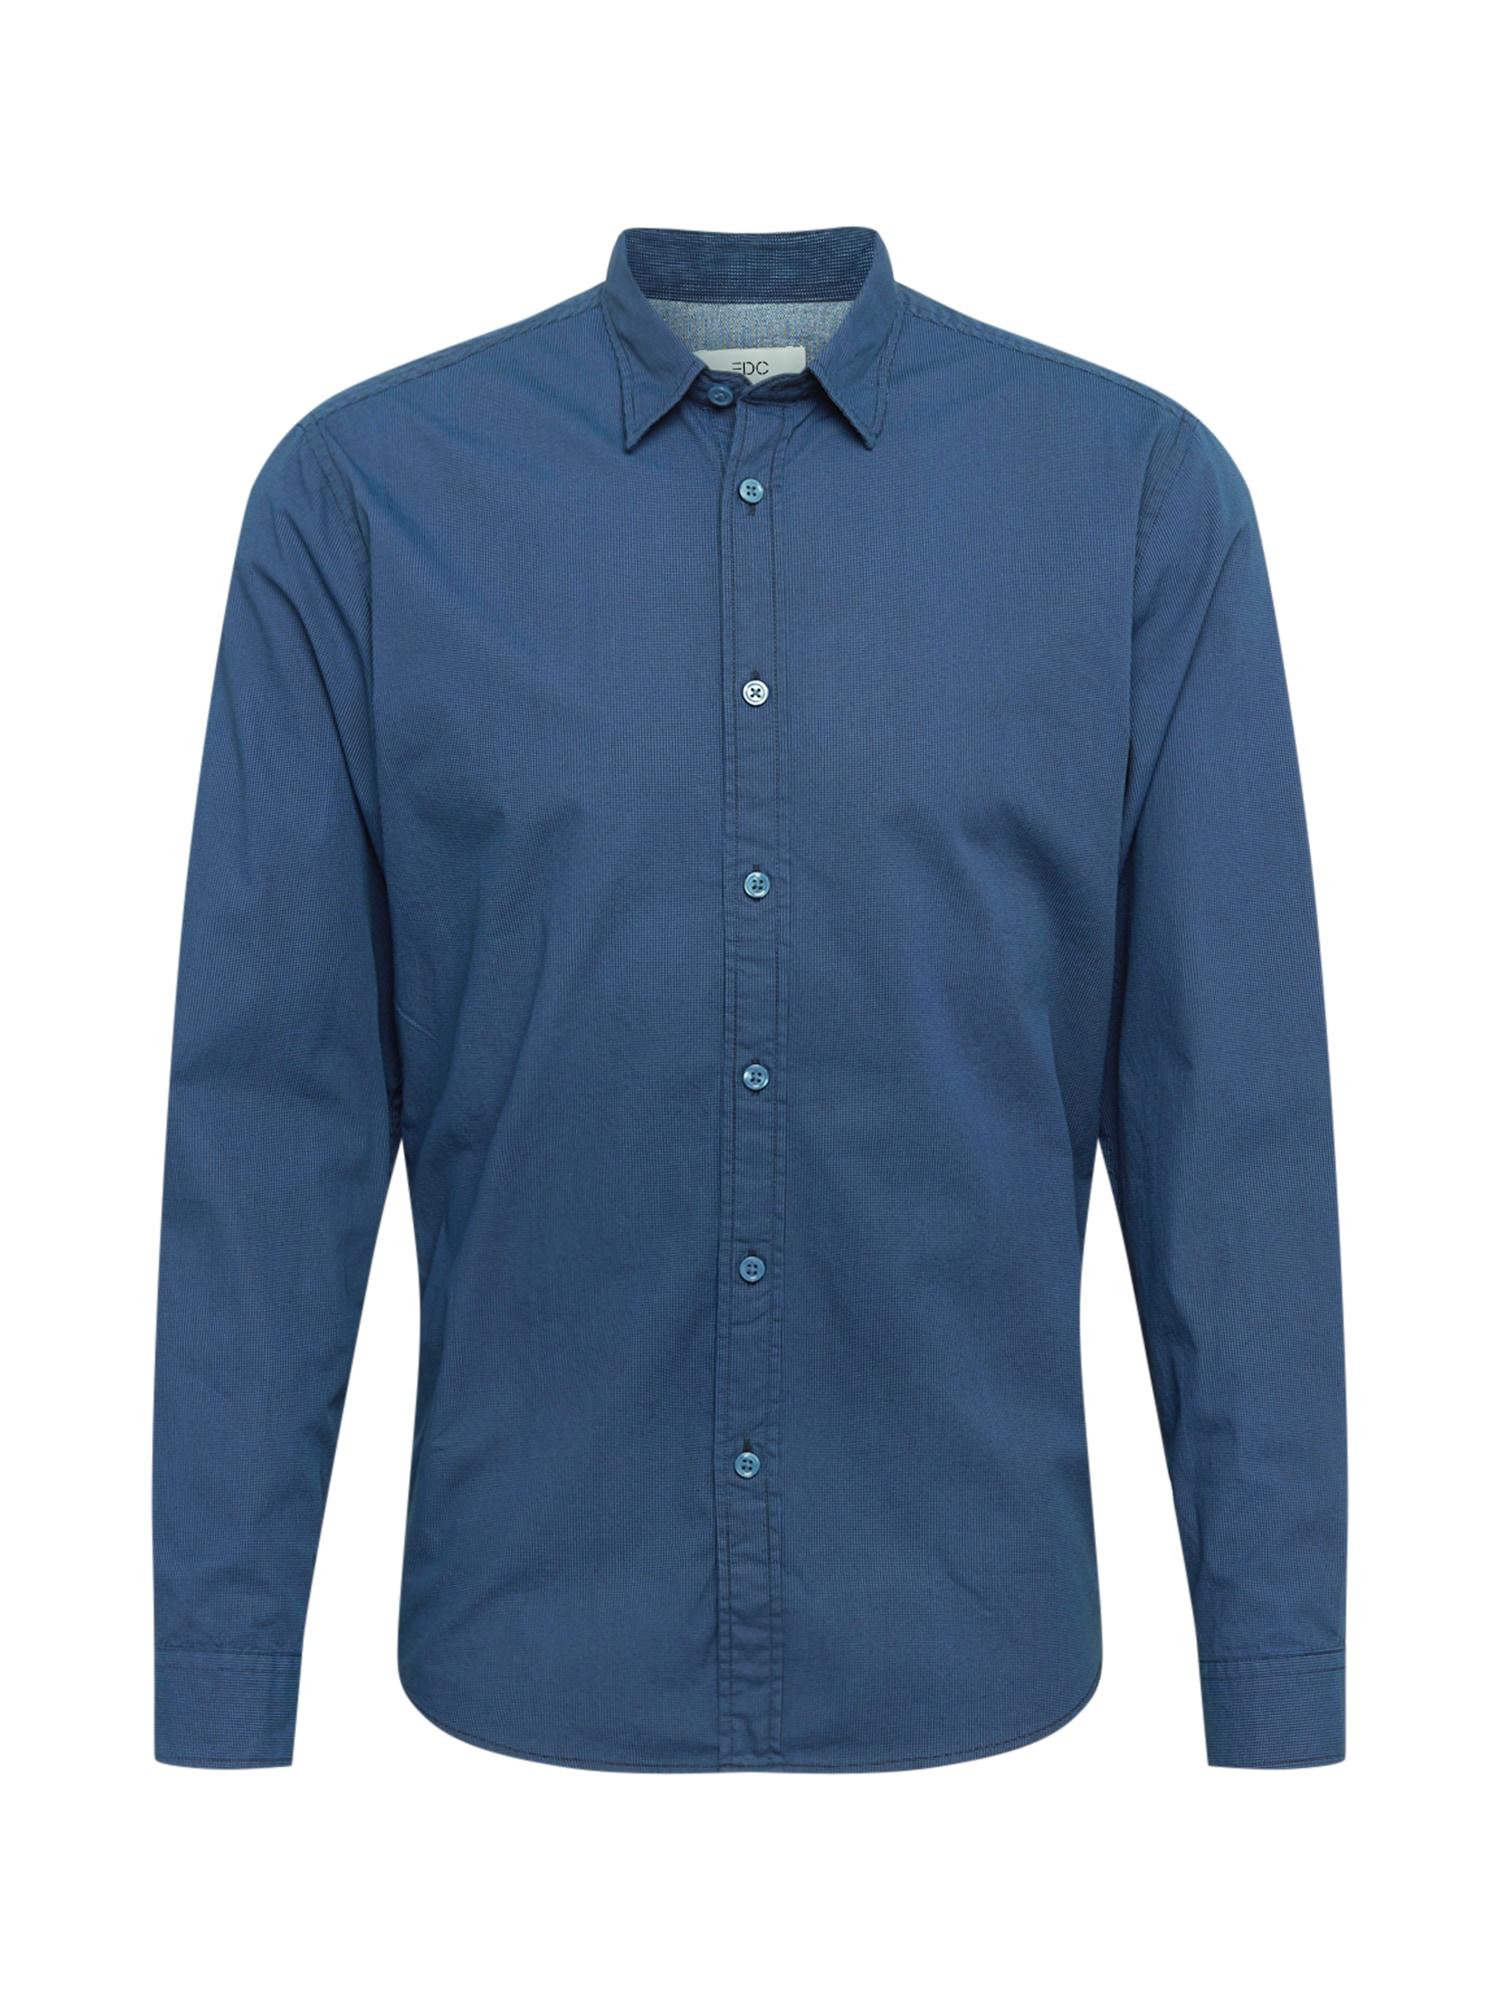 EDC BY ESPRIT Marškiniai dangaus žydra